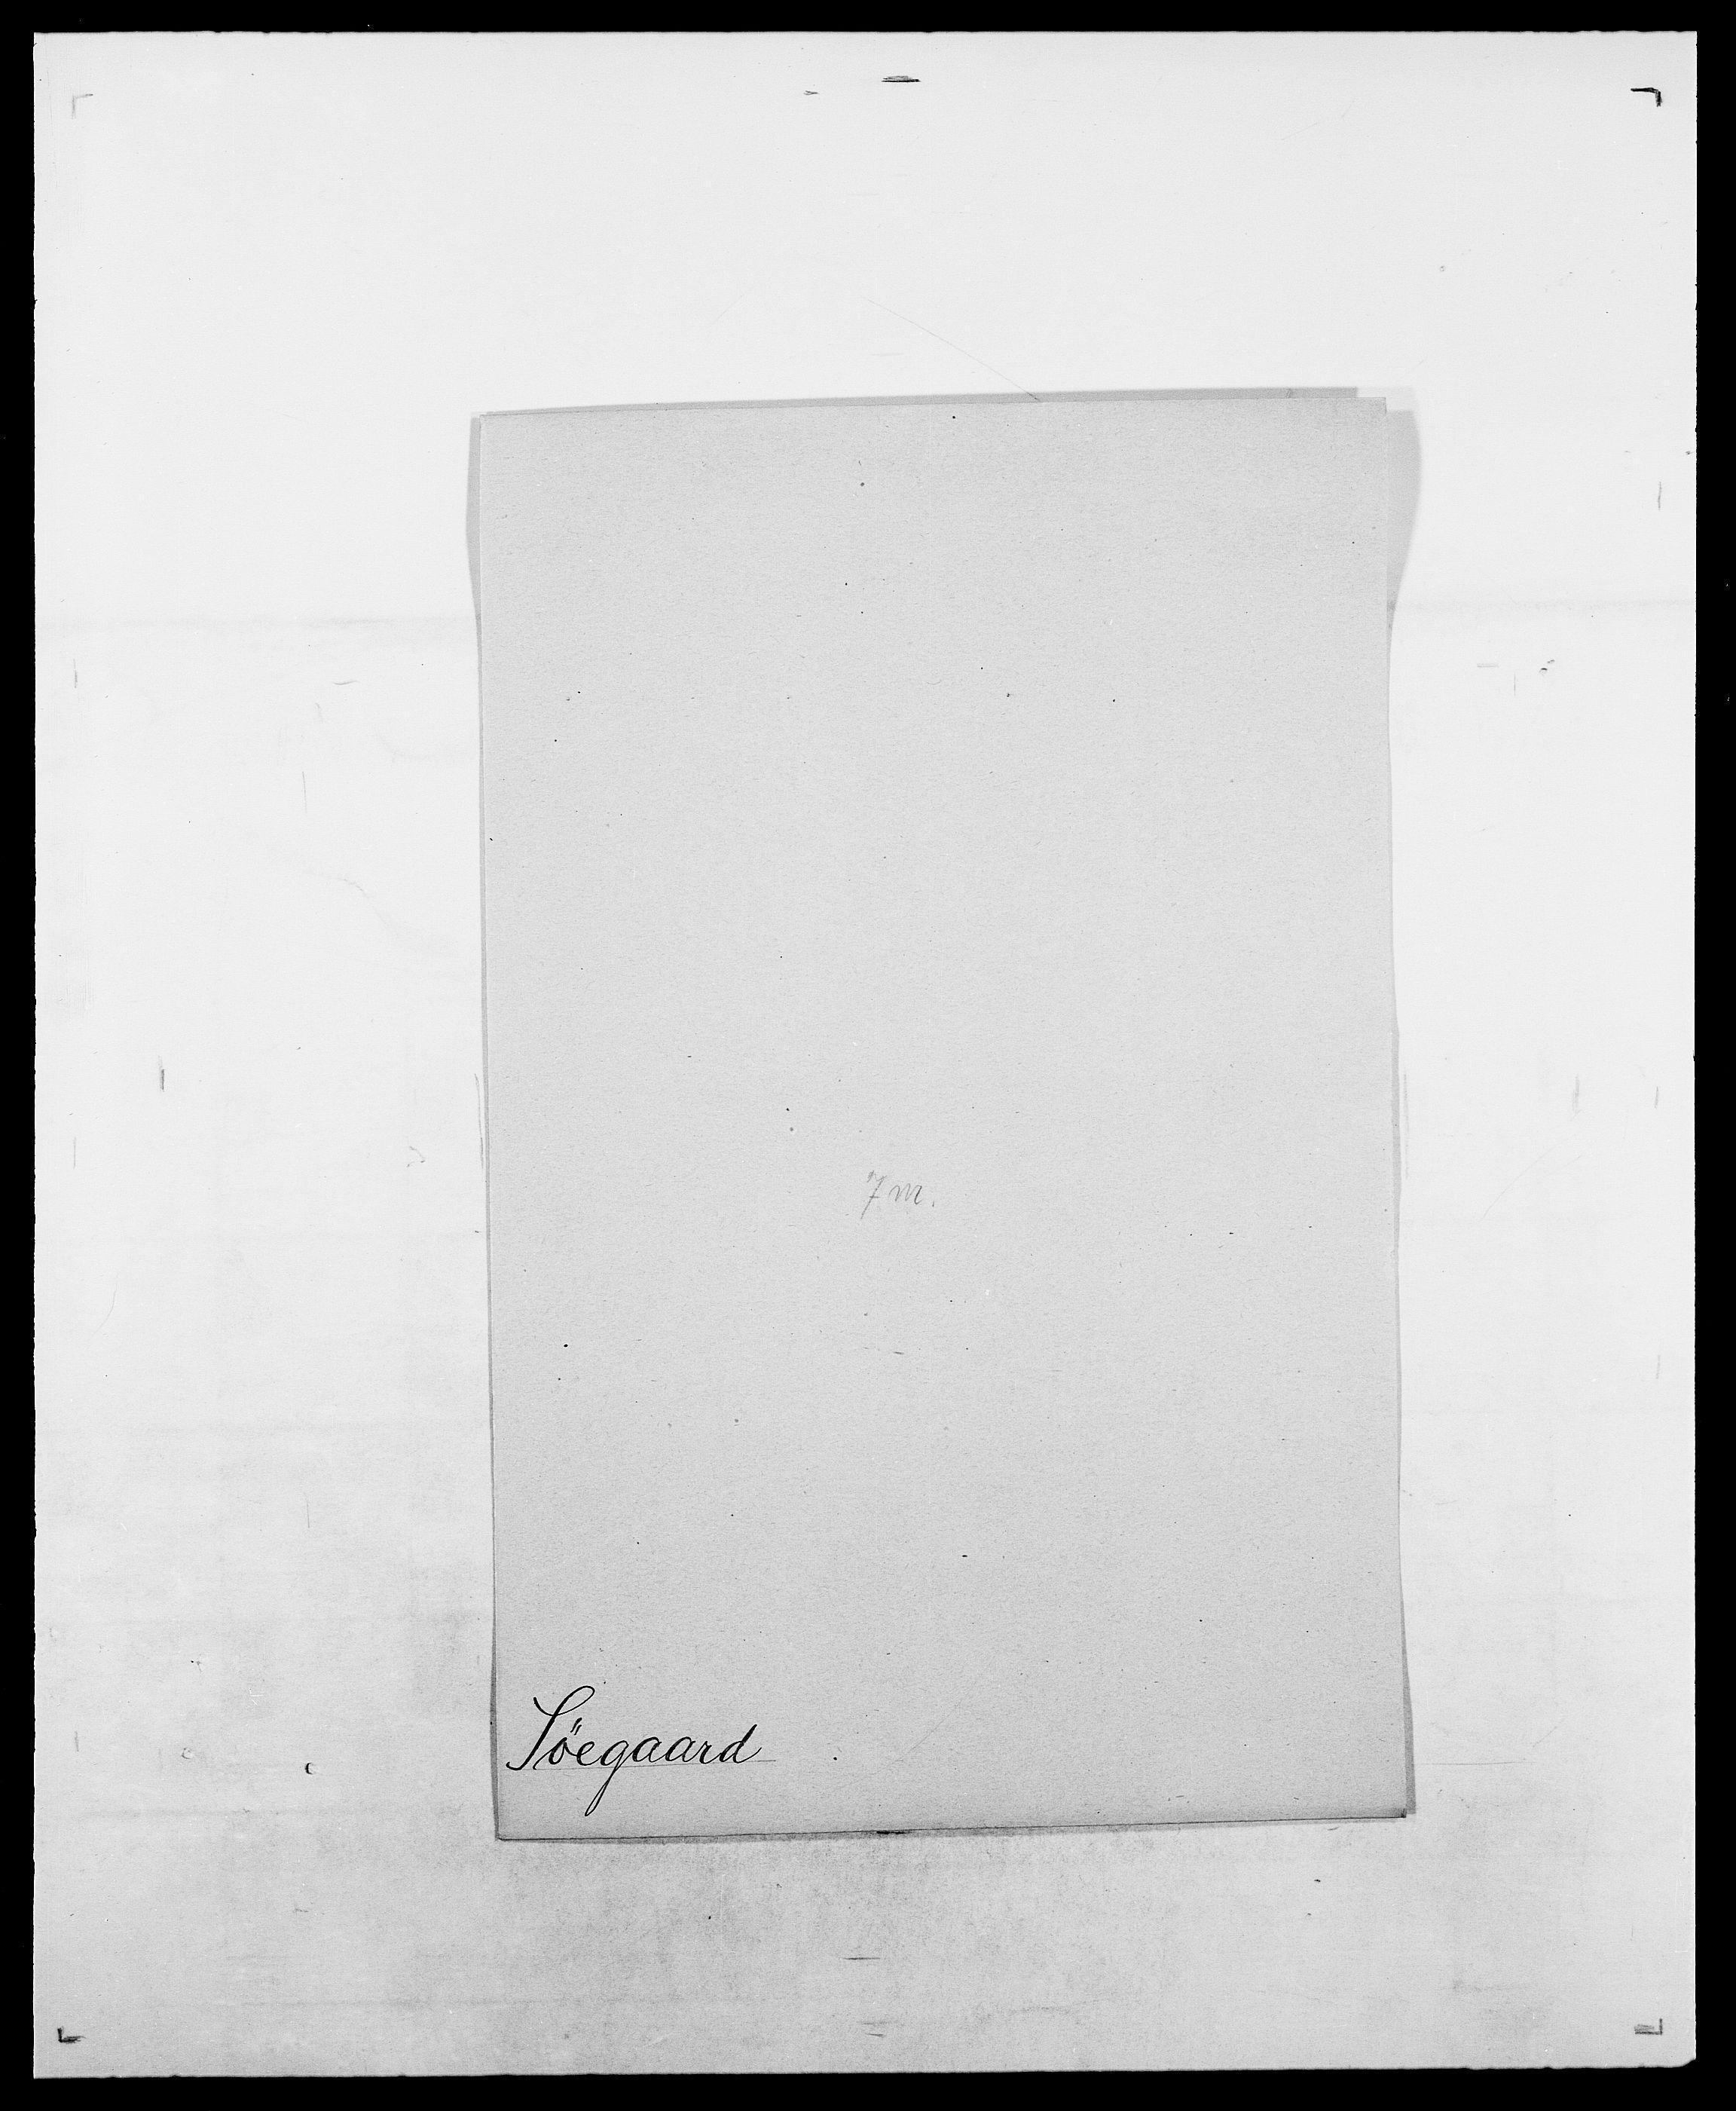 SAO, Delgobe, Charles Antoine - samling, D/Da/L0038: Svanenskjold - Thornsohn, s. 161